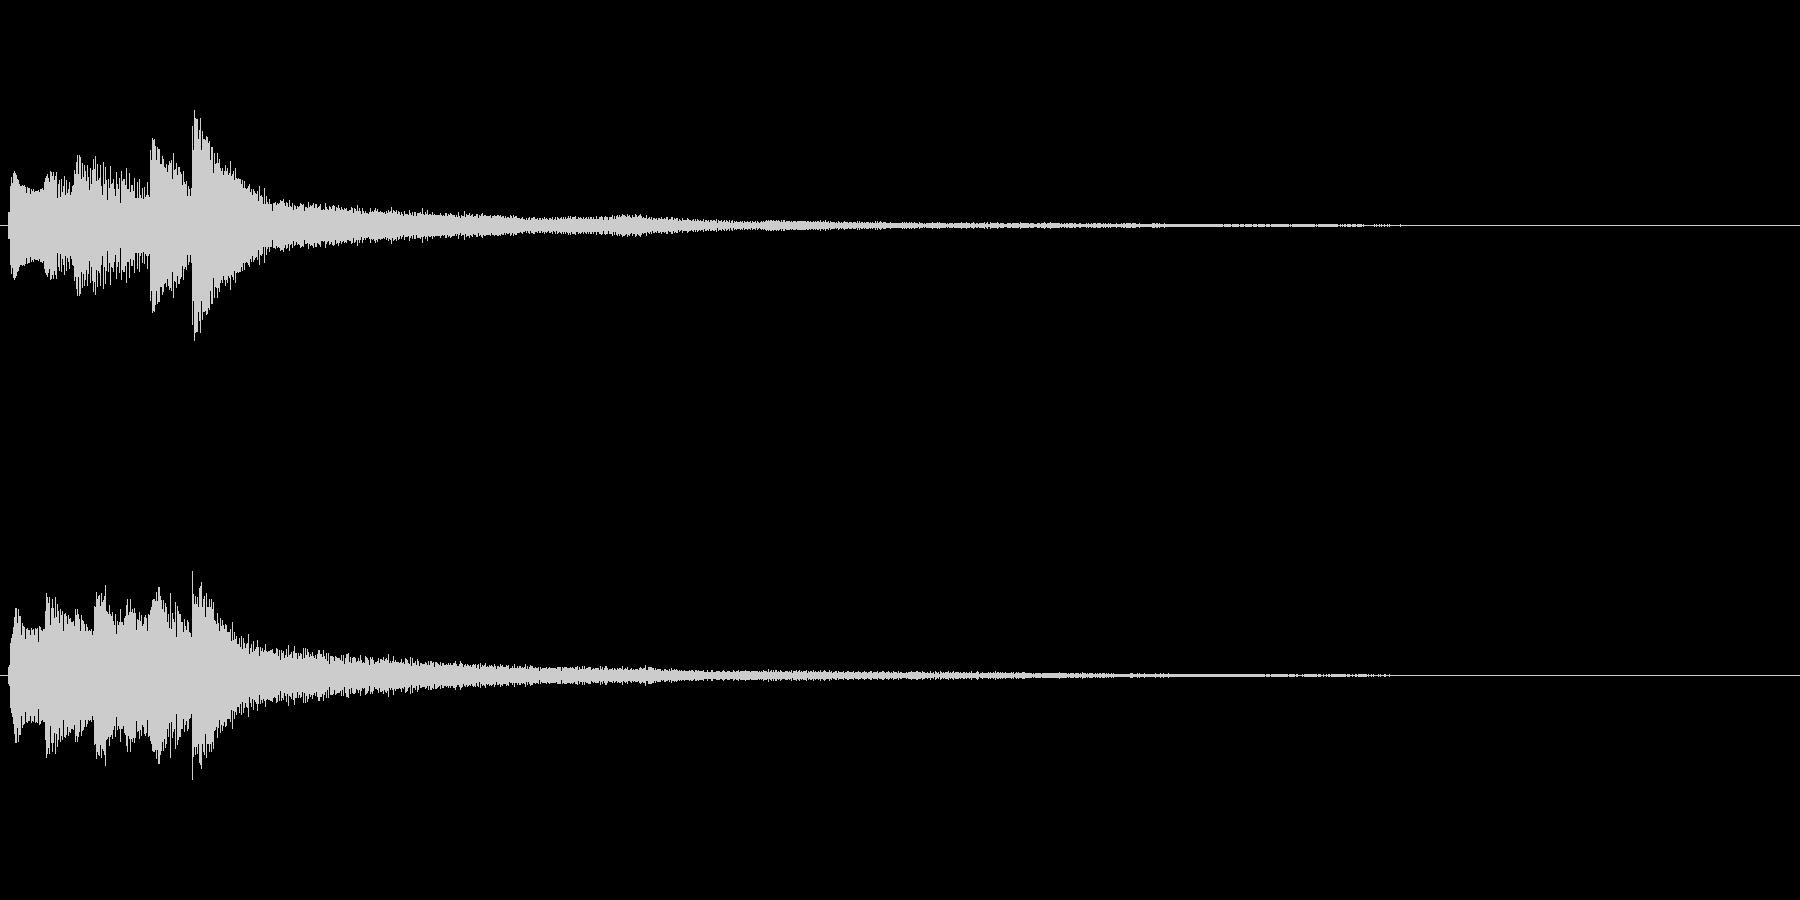 ピアノソロサウンドロゴ 優雅 大人 03の未再生の波形